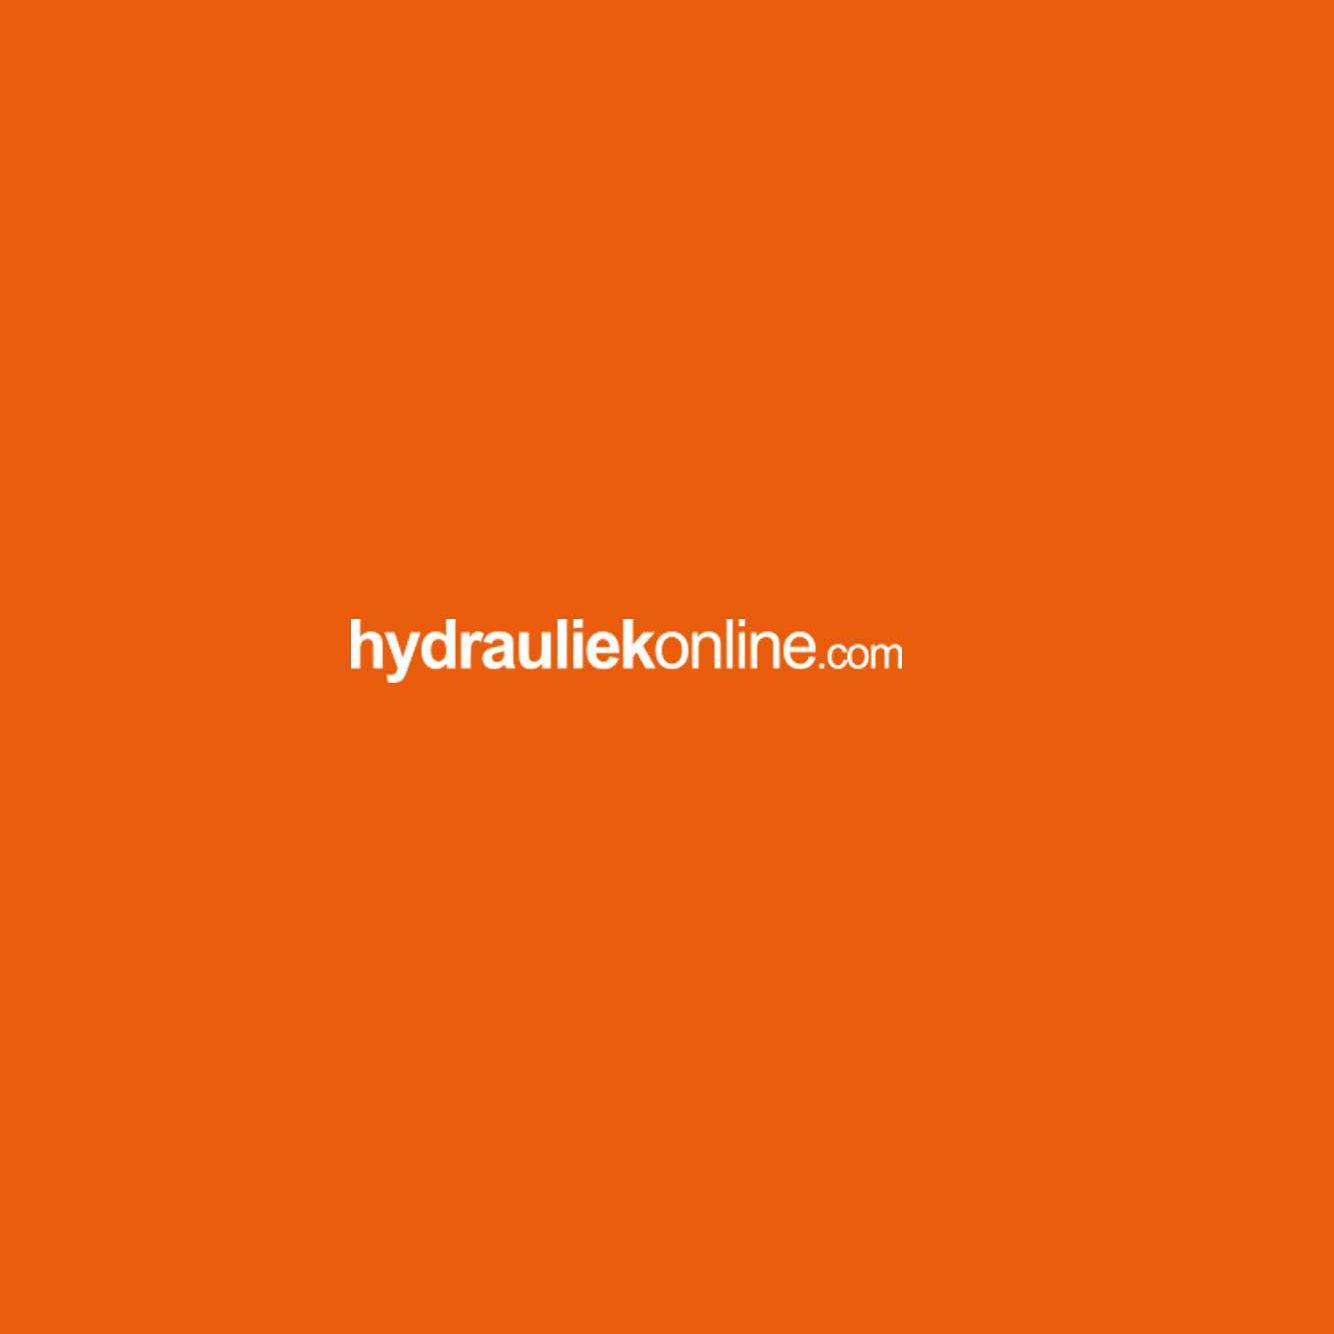 hydrauliek-online-750.jpg